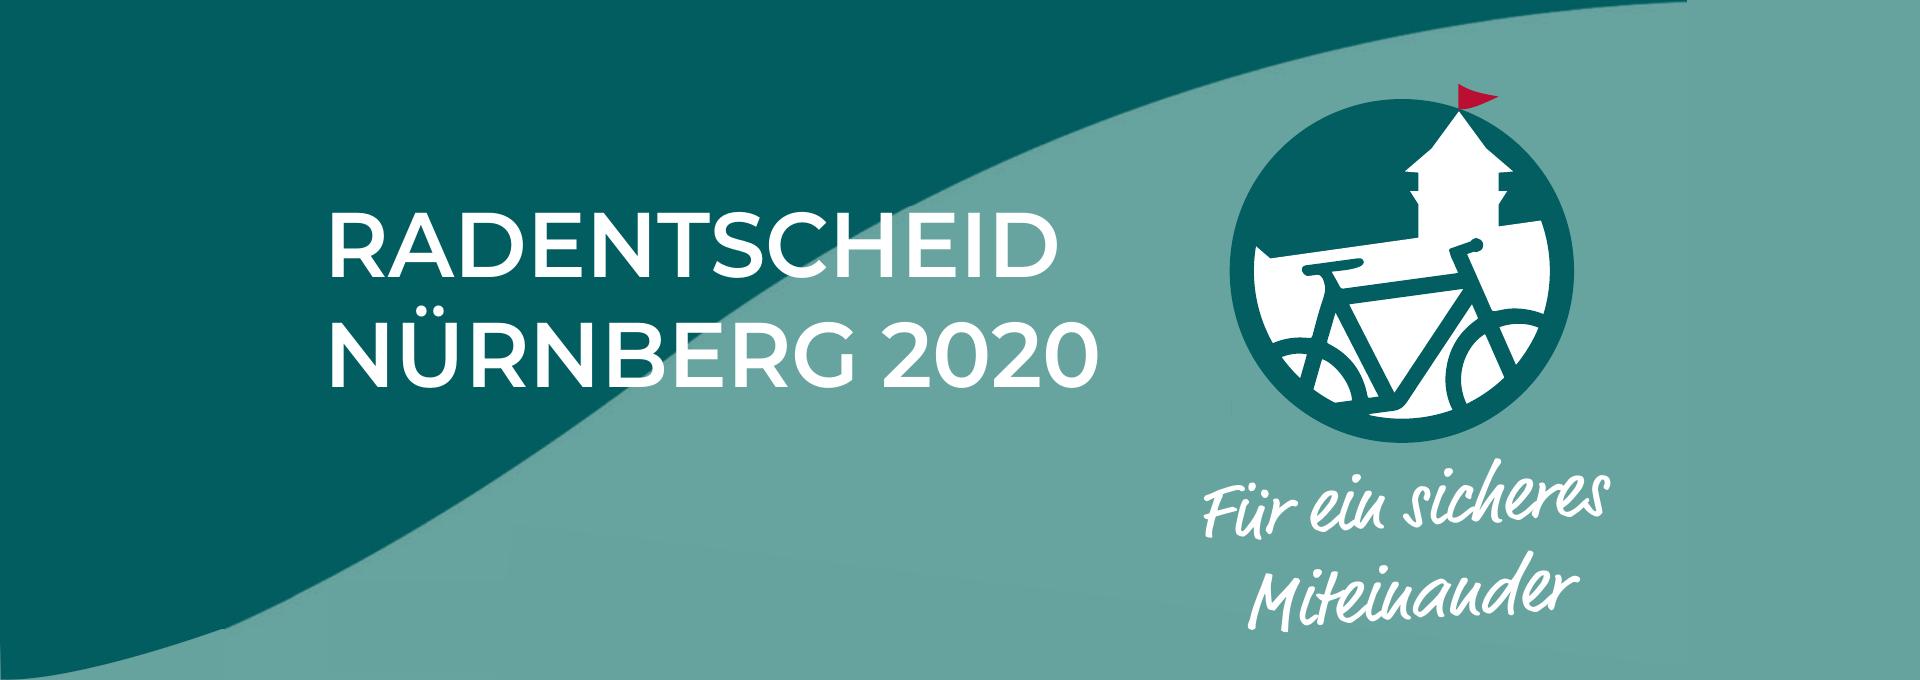 Banner mit Logo des Radentscheid Nürnberg